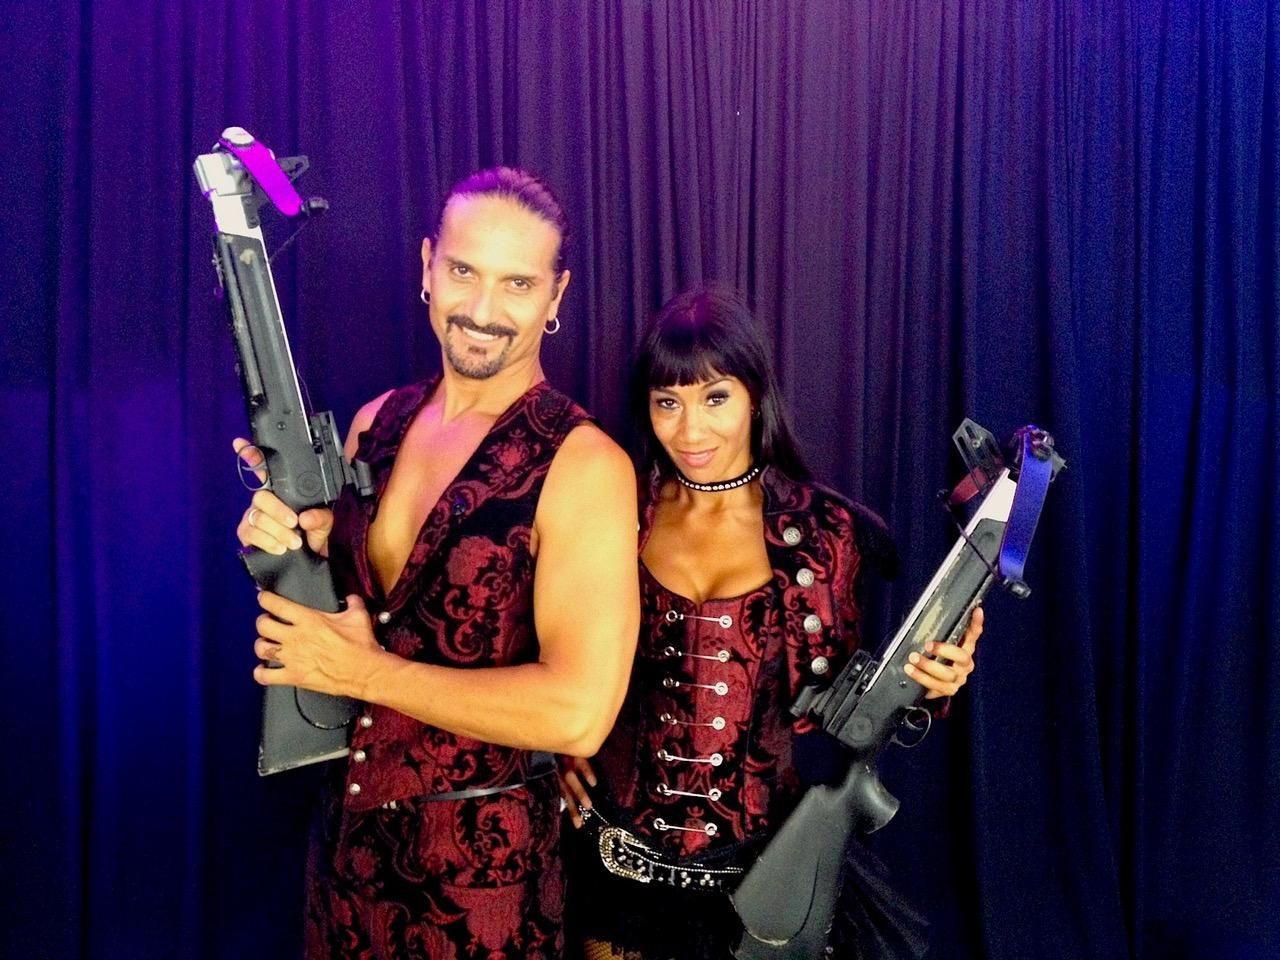 Ottavio and Naomi